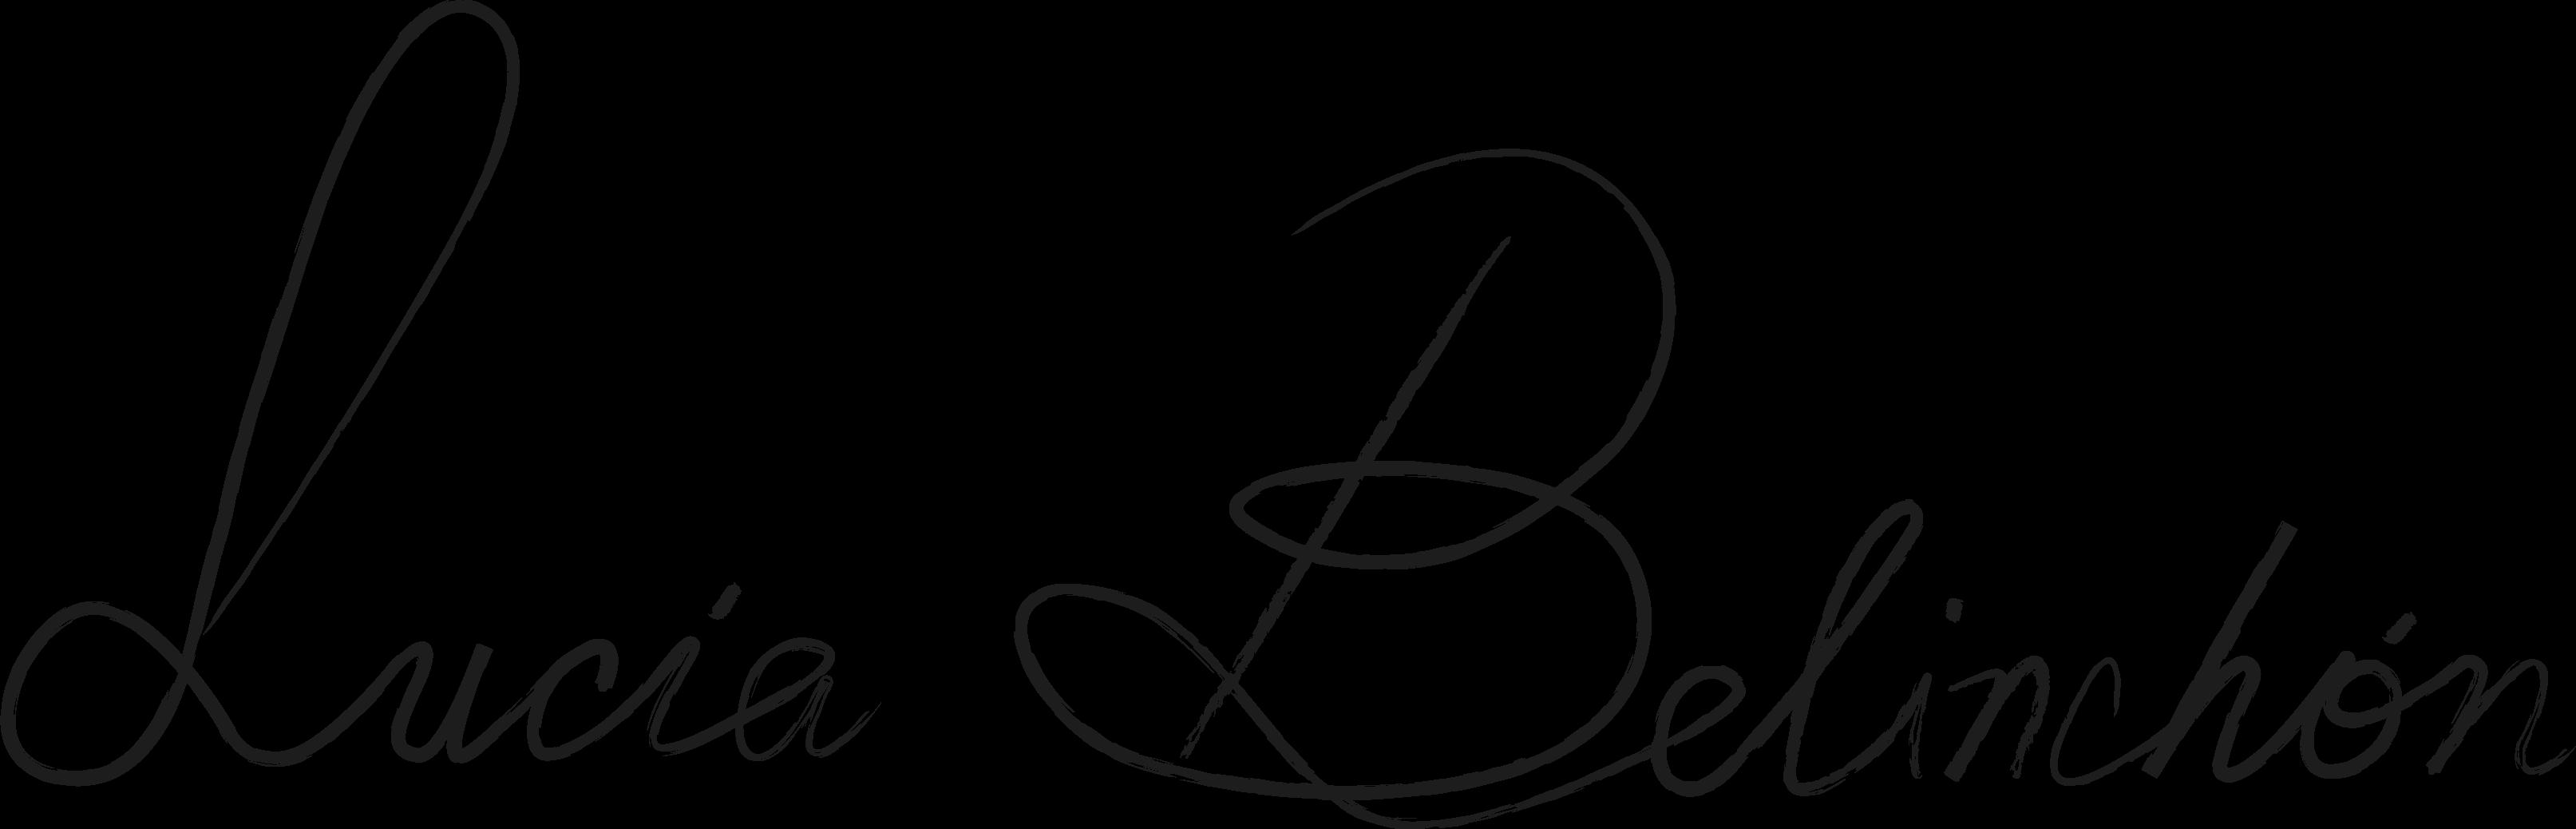 Lucia Belinchon's Signature